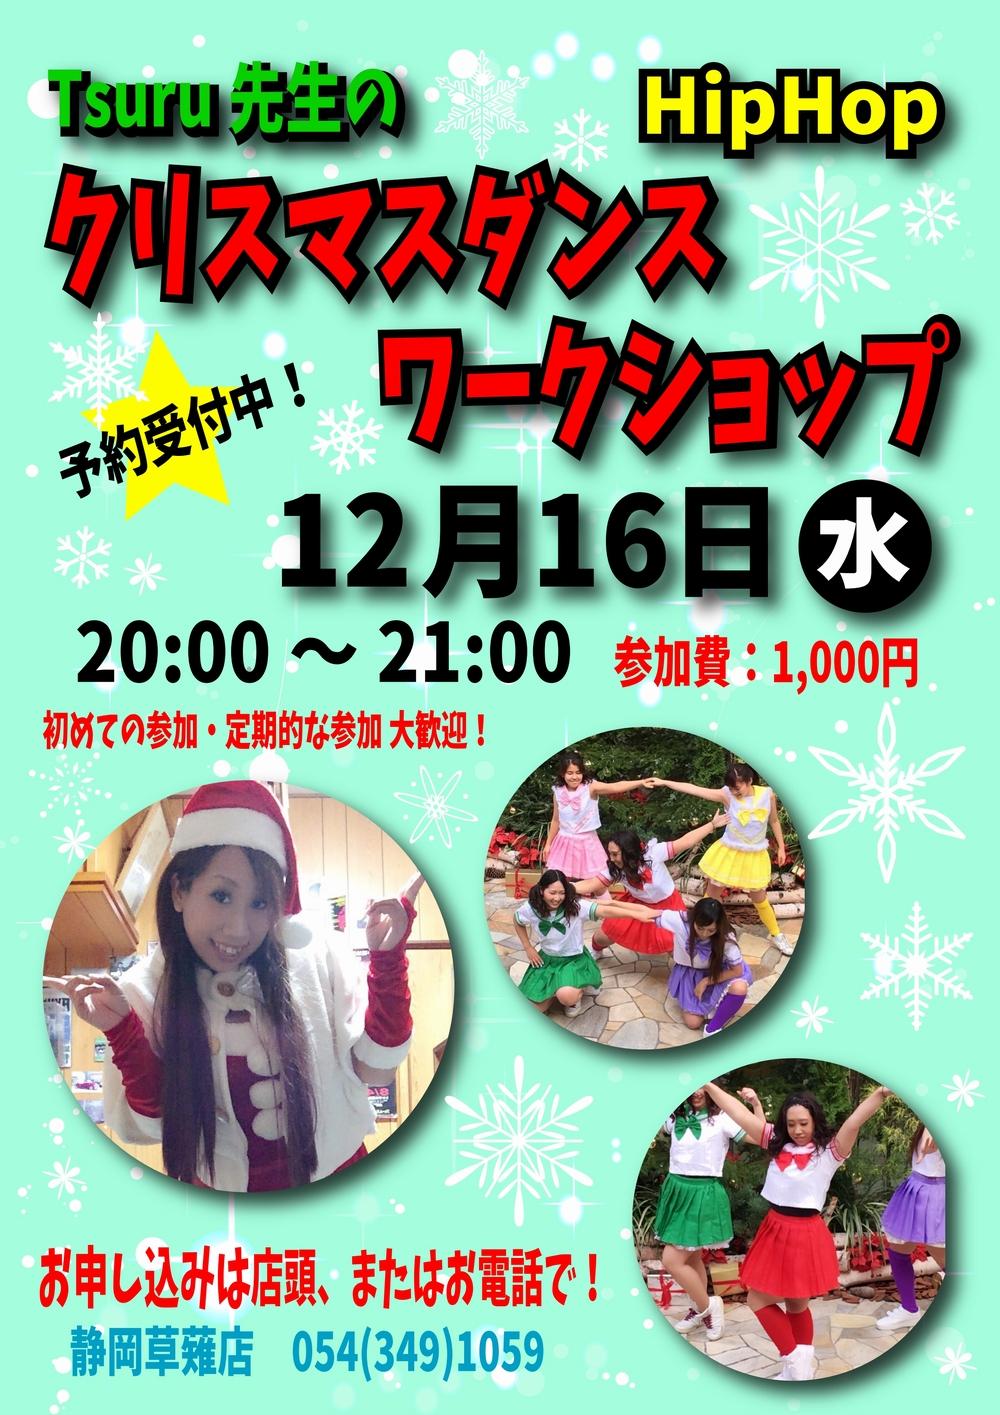 【ワークショップ・HipHopダンス】音楽天国・静岡草薙店12月16日(水)開催